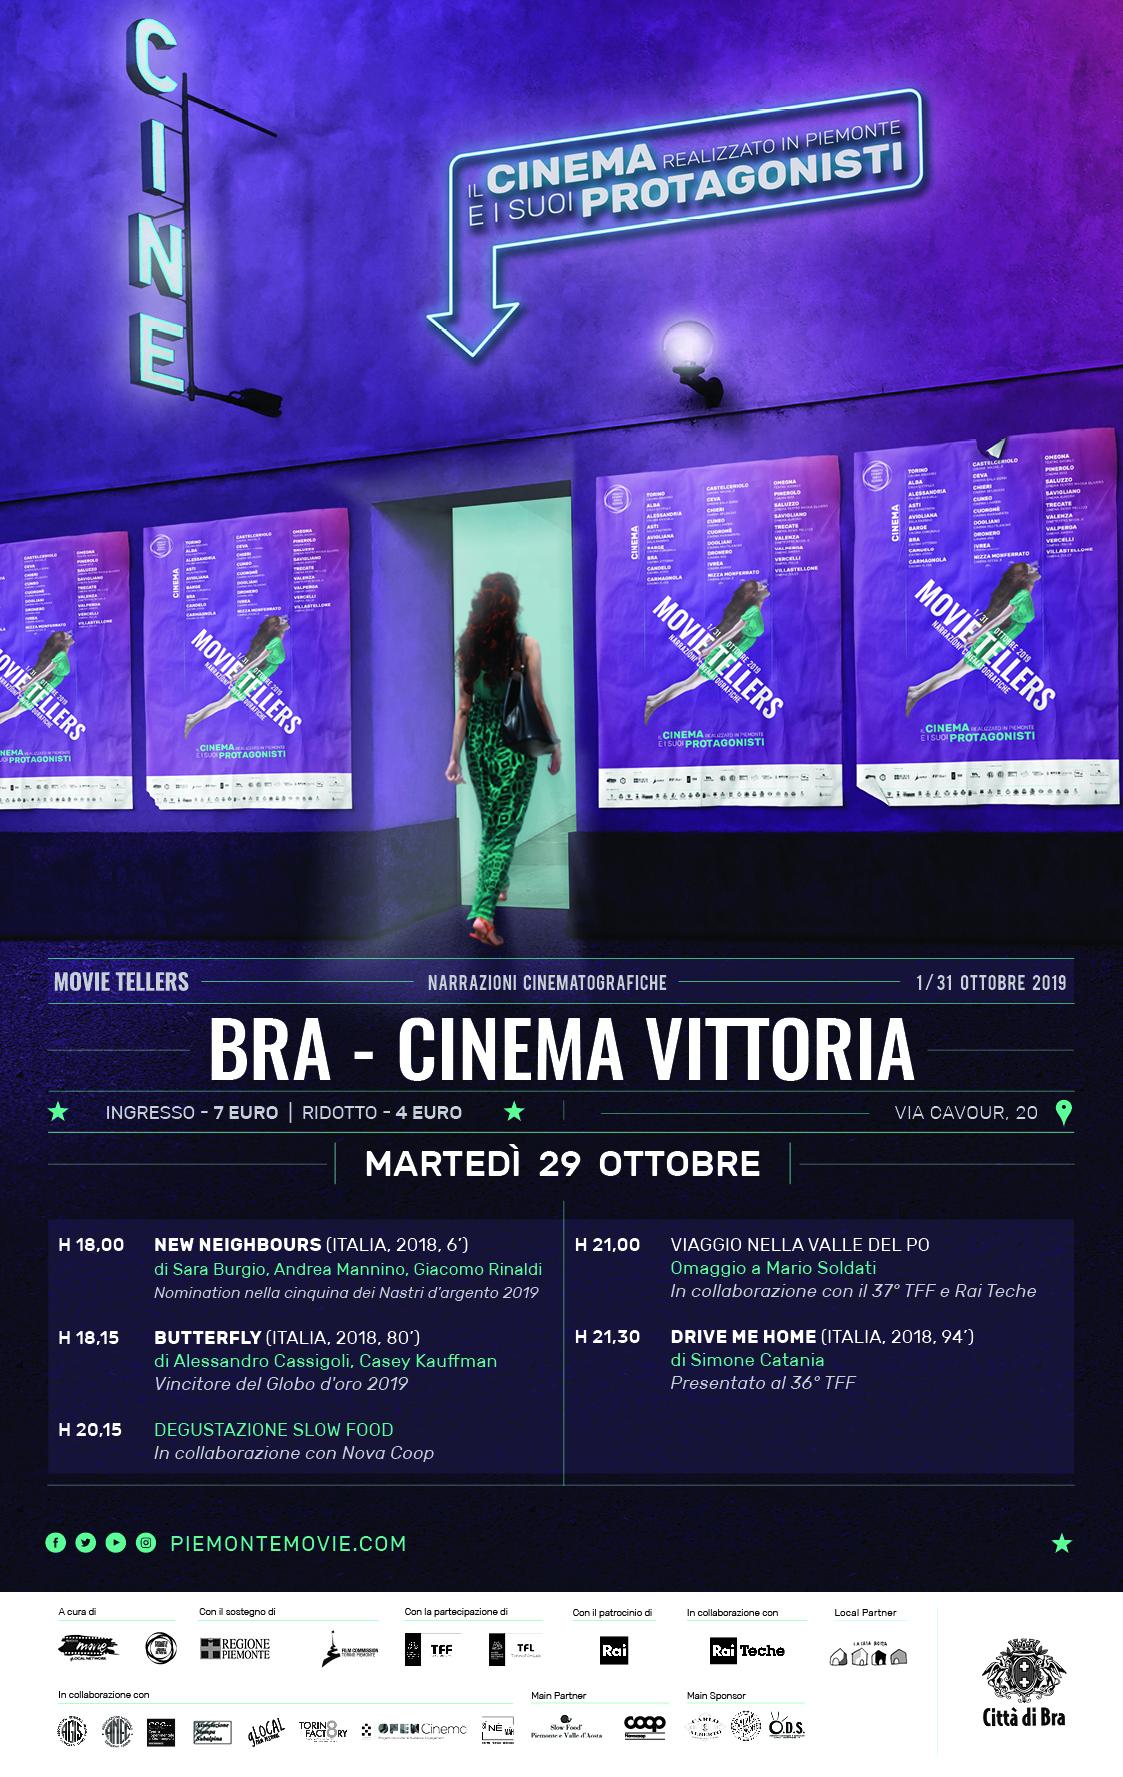 Movietellers_locandina Bra